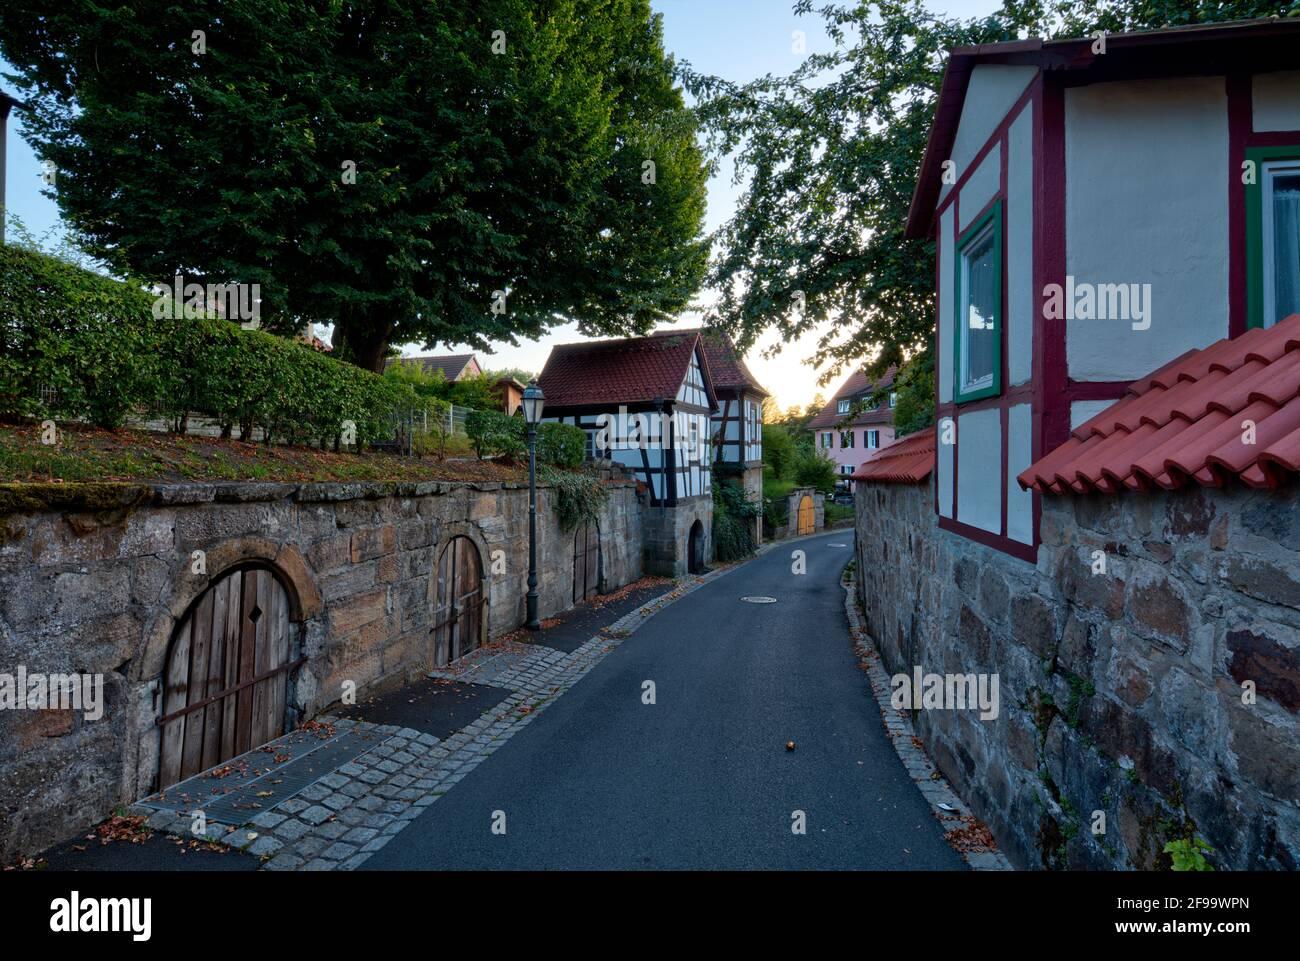 Mur de ville, fortifications de ville, cave, façade, à colombages, Alley, architecture, Haßberge, Ebern, Franconie, Bavière, Allemagne, Europe Banque D'Images